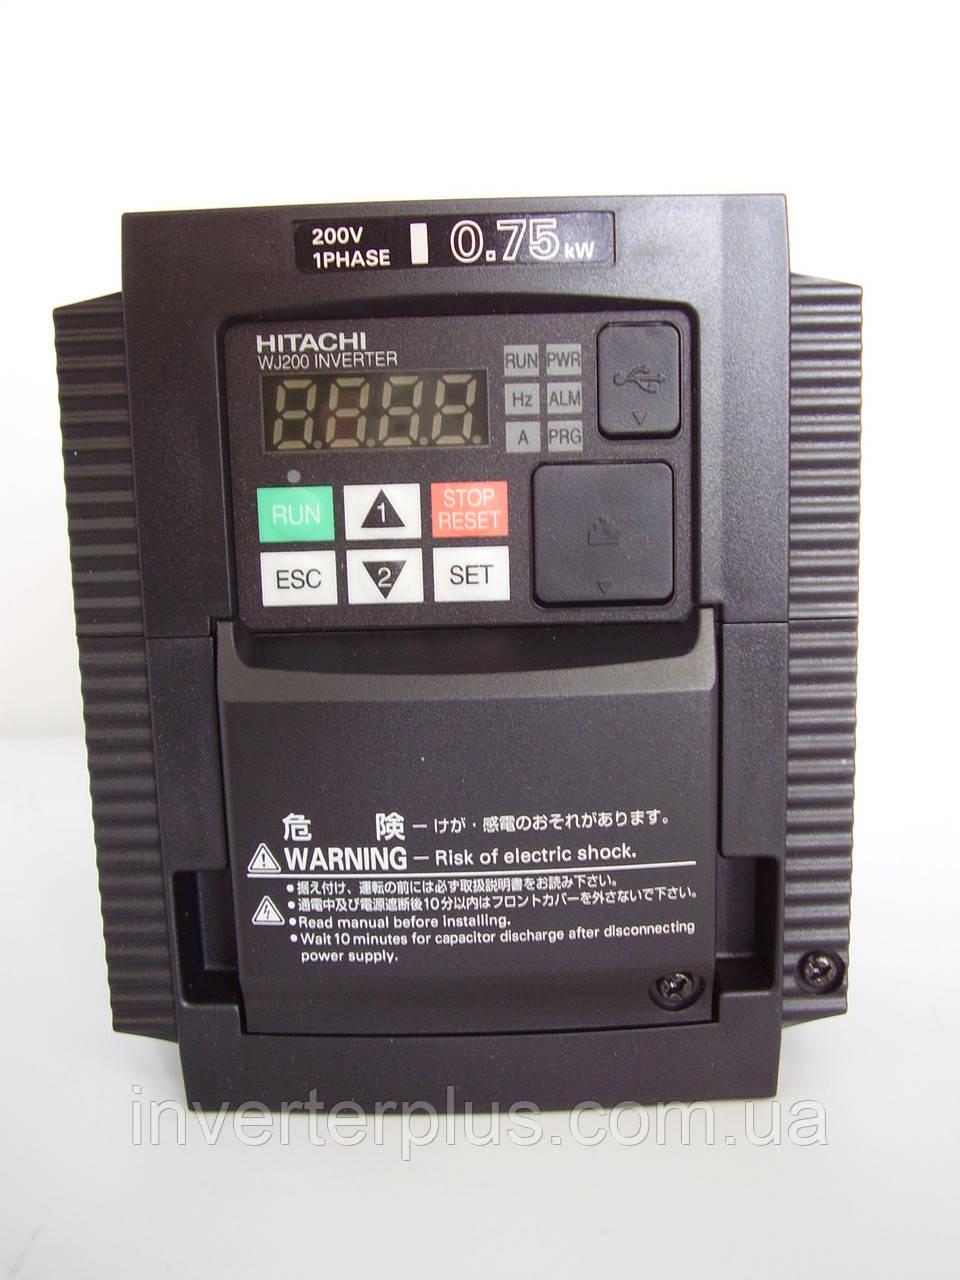 WJ200-007SF; 0,75кВт/220В. Частотный преобразователь Hitachi